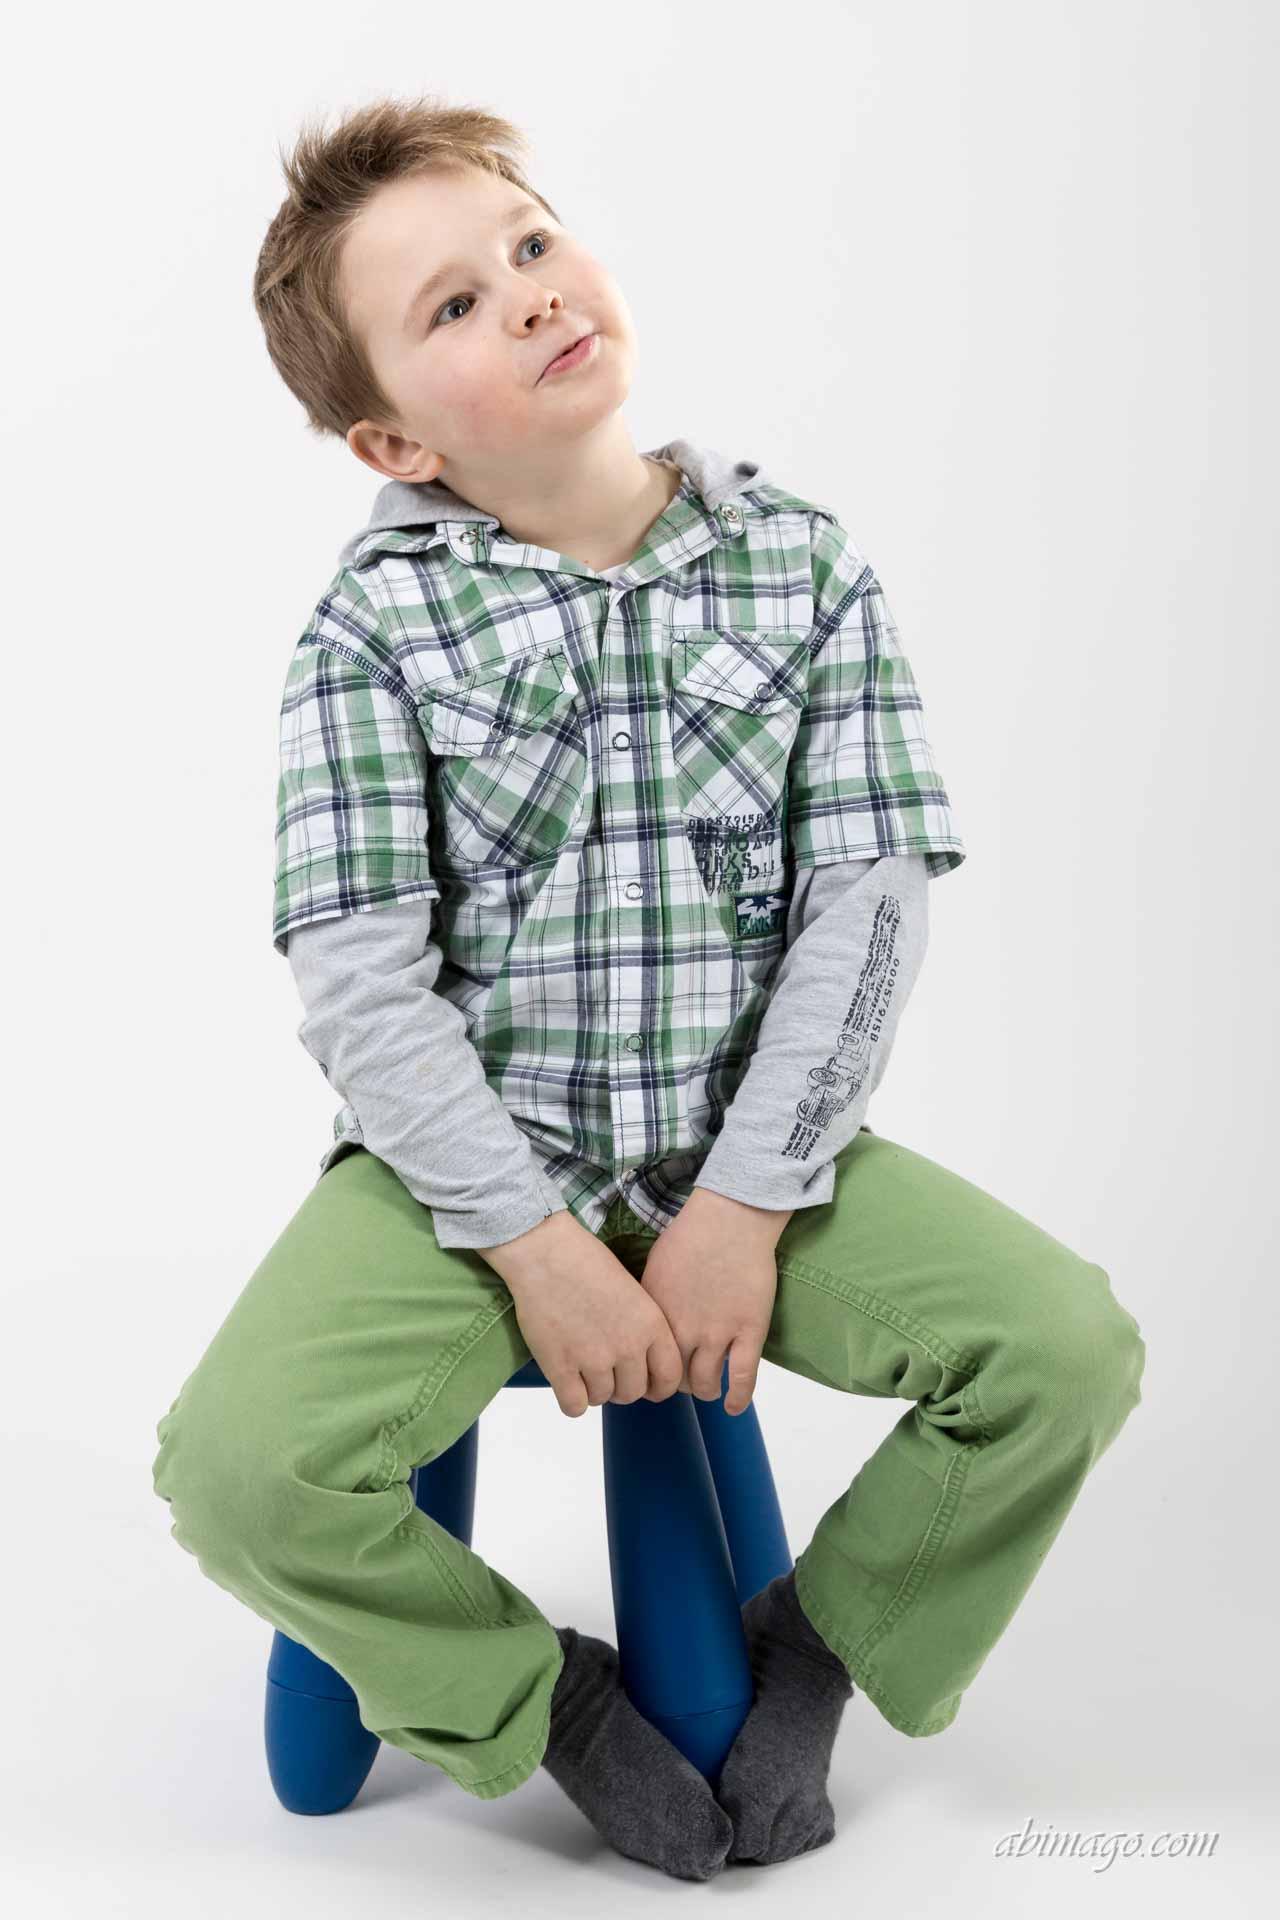 Kindergartenfotograf und Schulfotograf 21